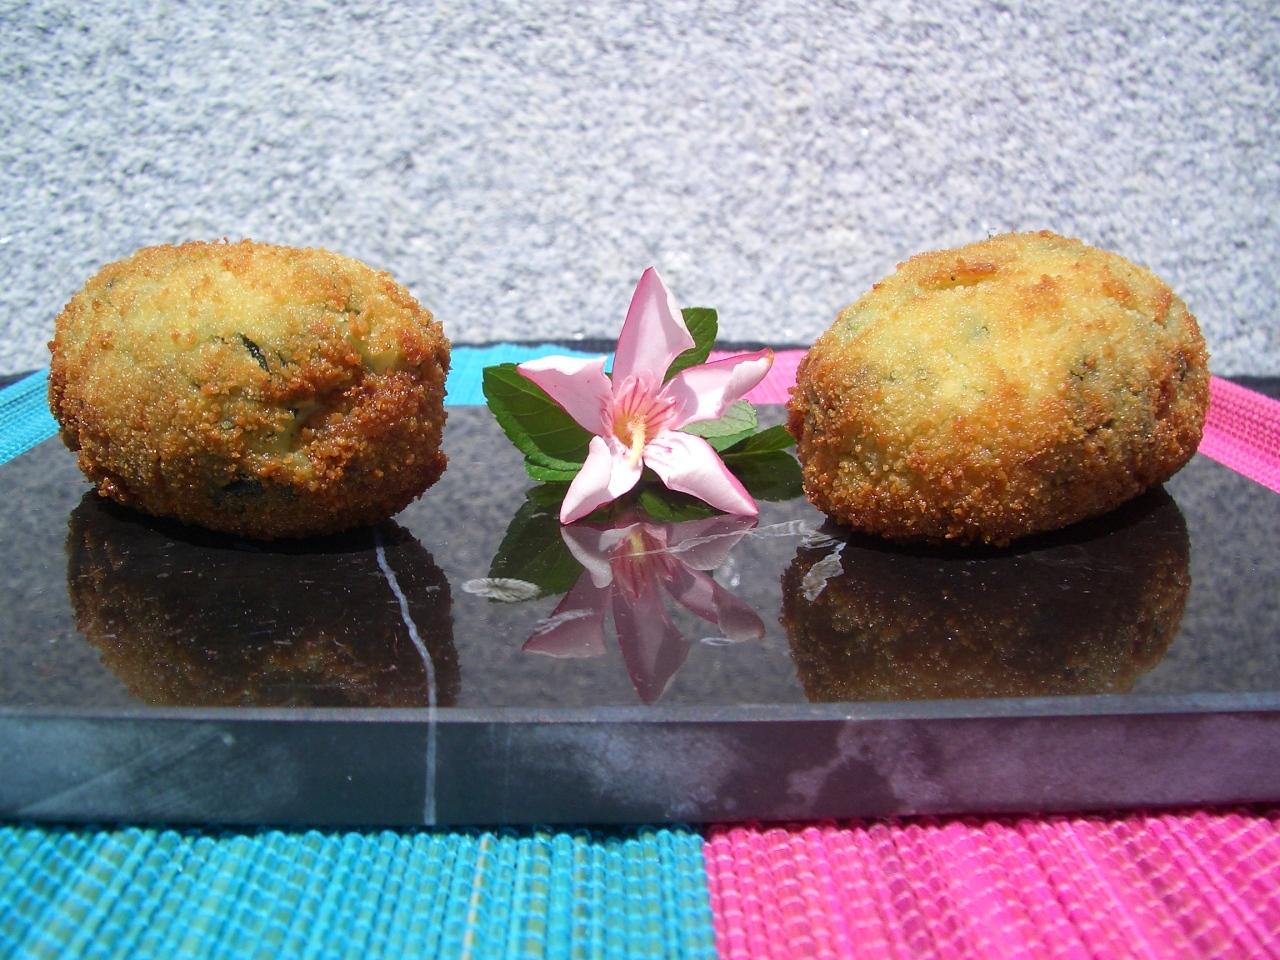 Croquetas de Ñocla y Espinacas – Edible Crab and SpinachCroquettes